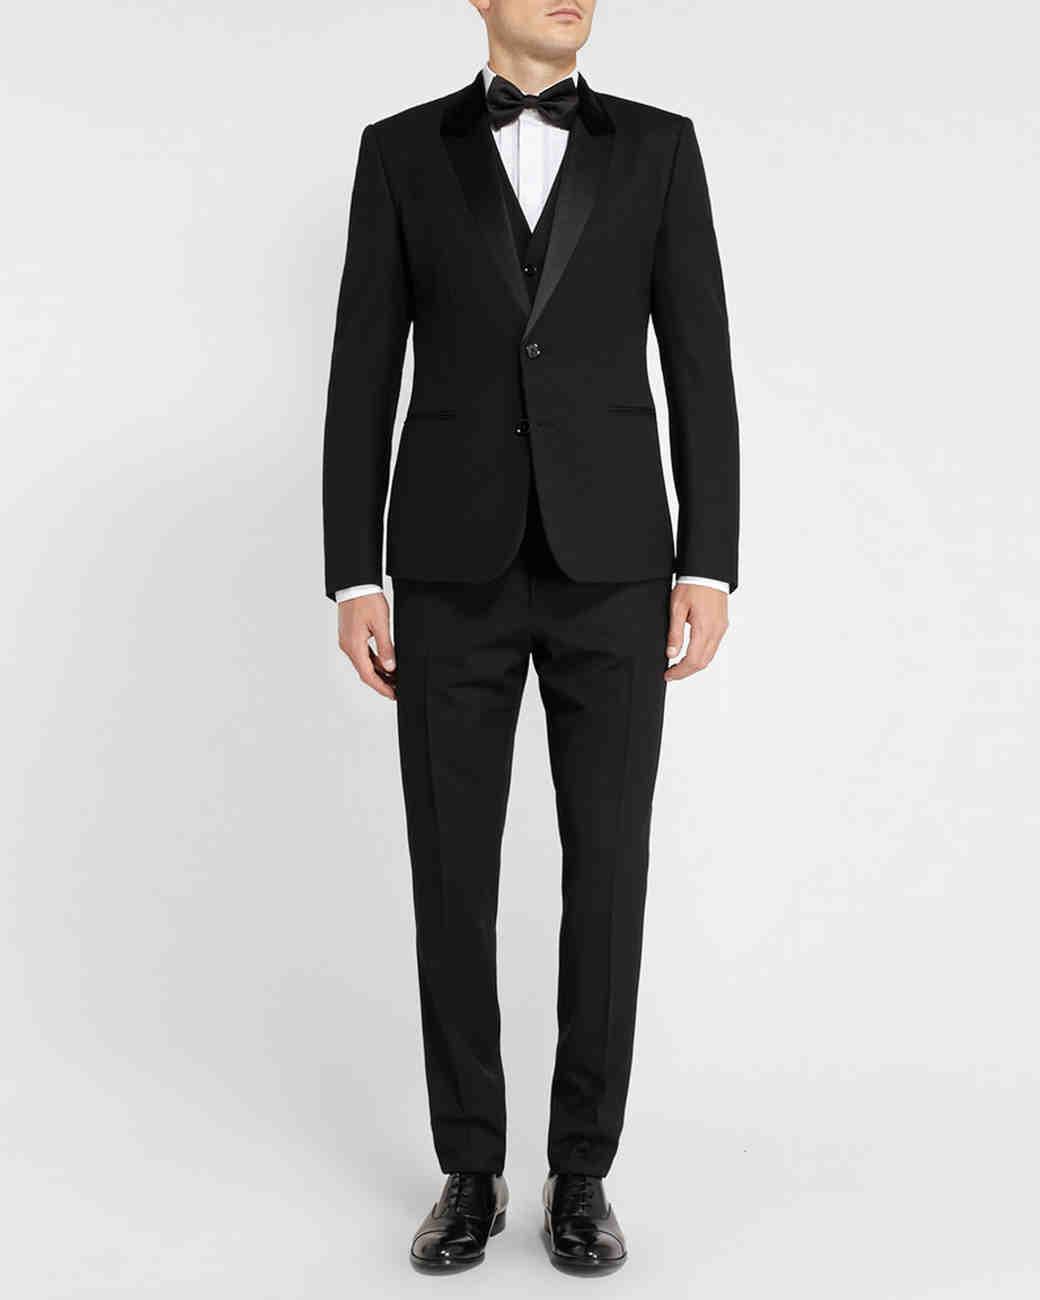 fall-groom-suits-mr-porter-dolce-gabbana-tuxedo-1014.jpg